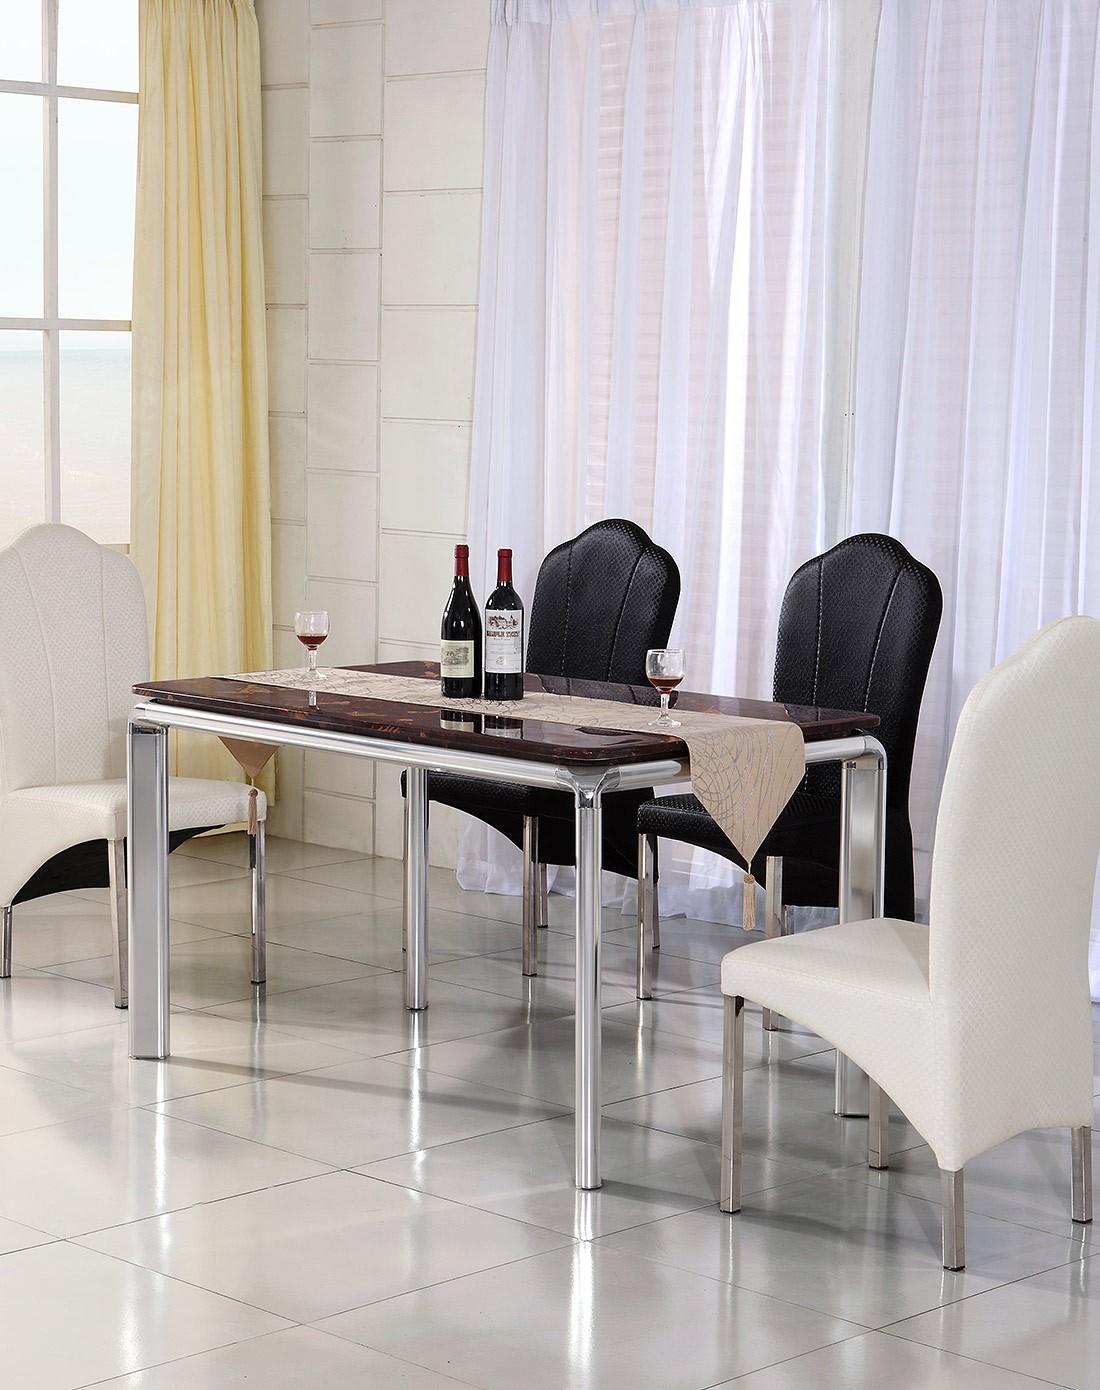 dreasylife家具专场现代简约创意不锈钢餐桌椅组合dl